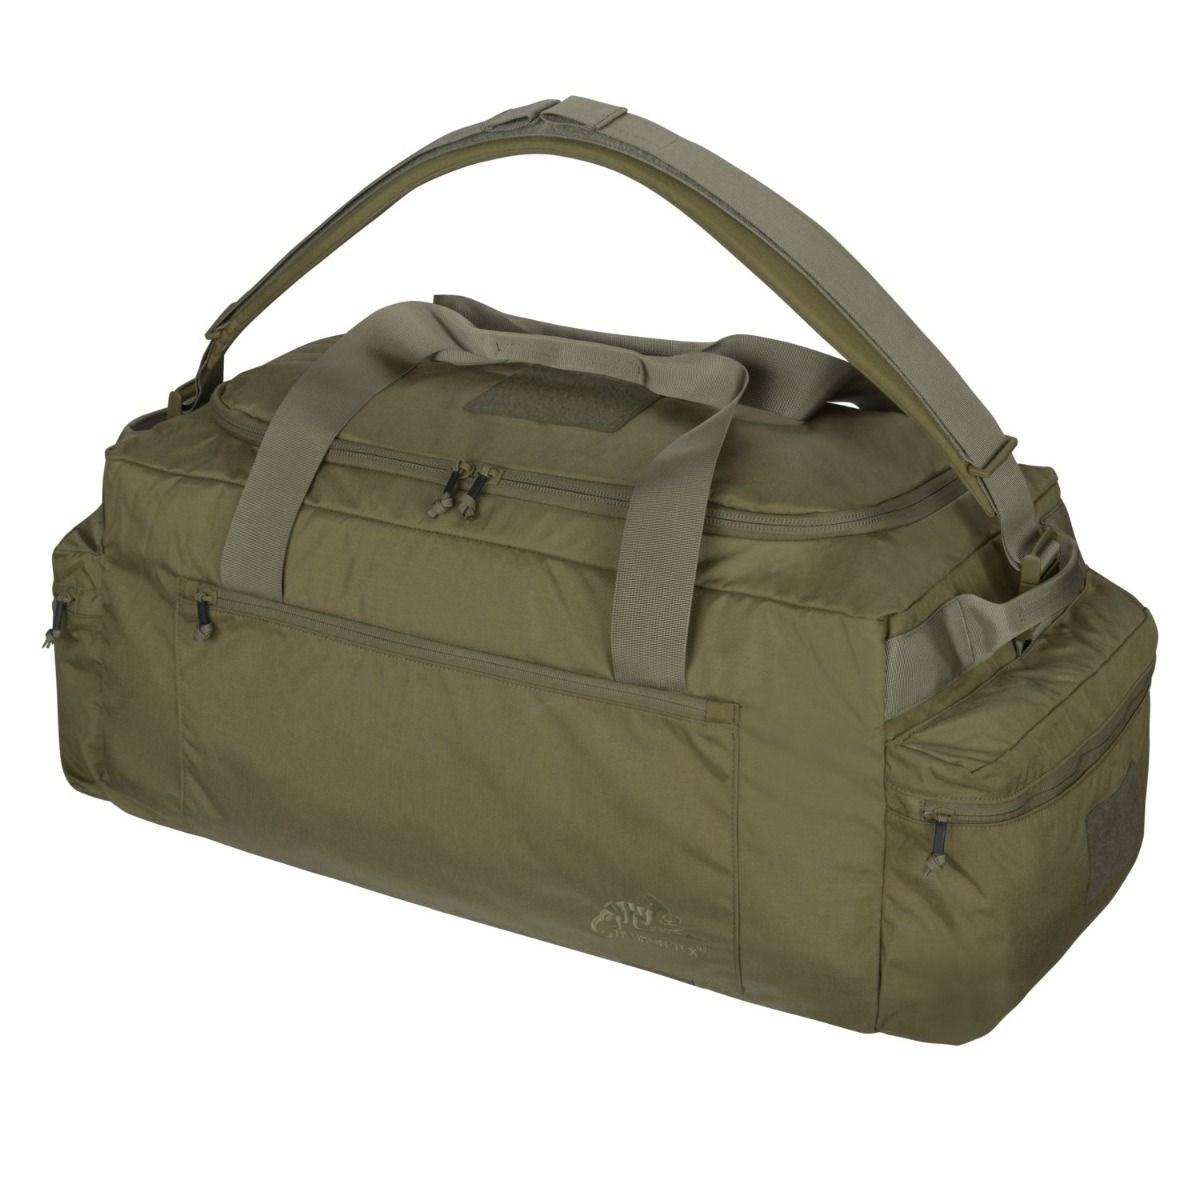 Taška URBAN TRAINING BAG® velká OLIVE GREEN - zvìtšit obrázek